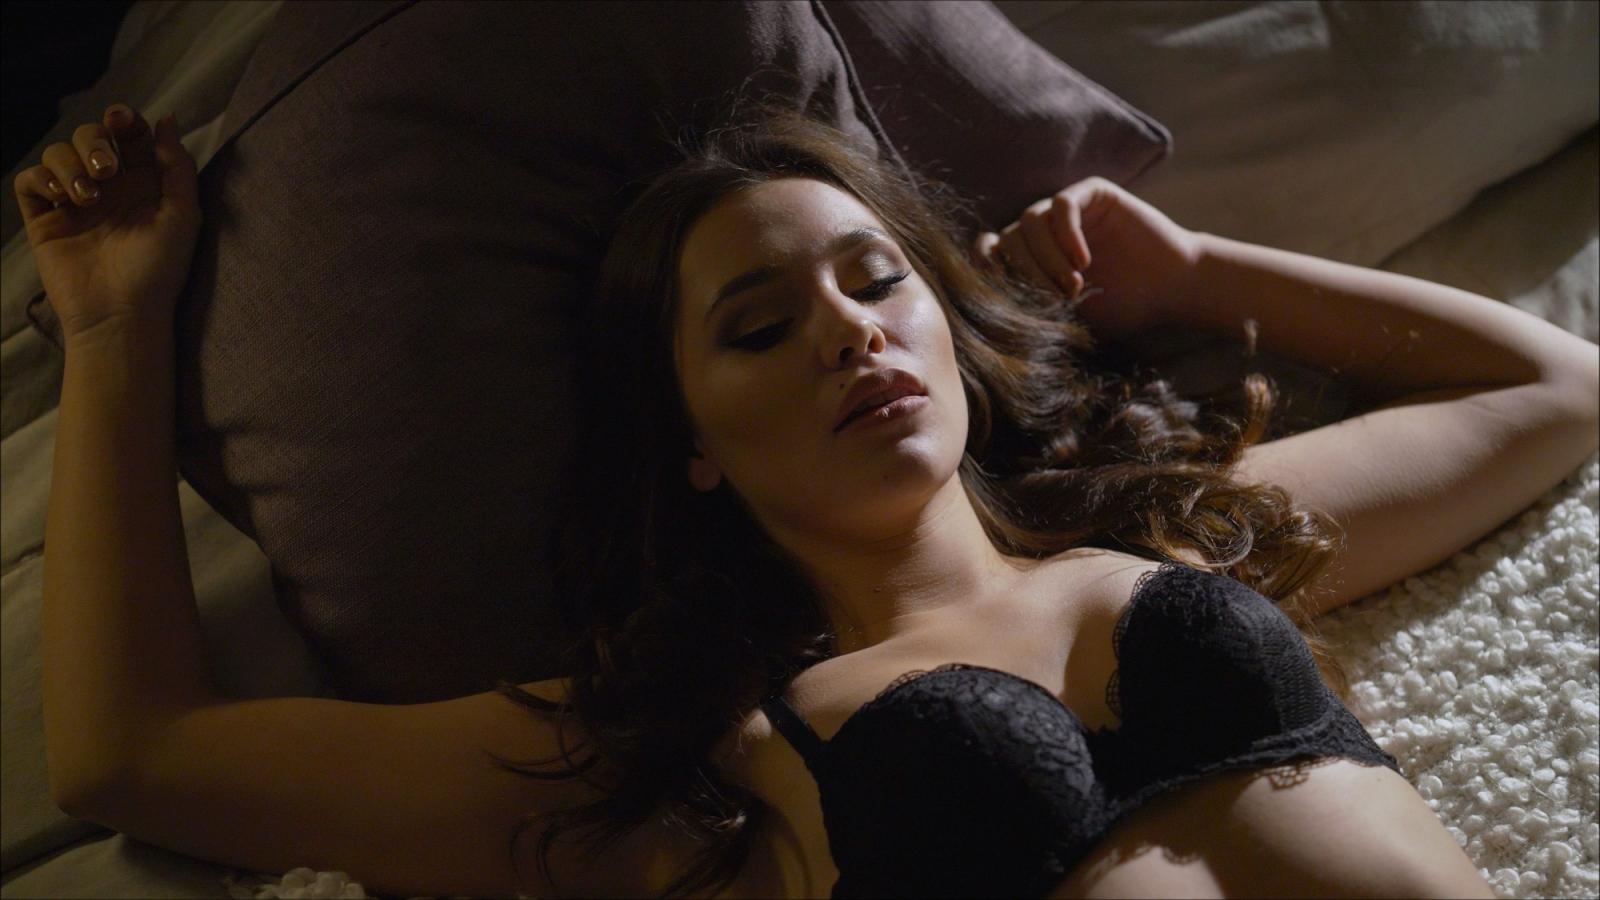 tipos de orgasmo feminino